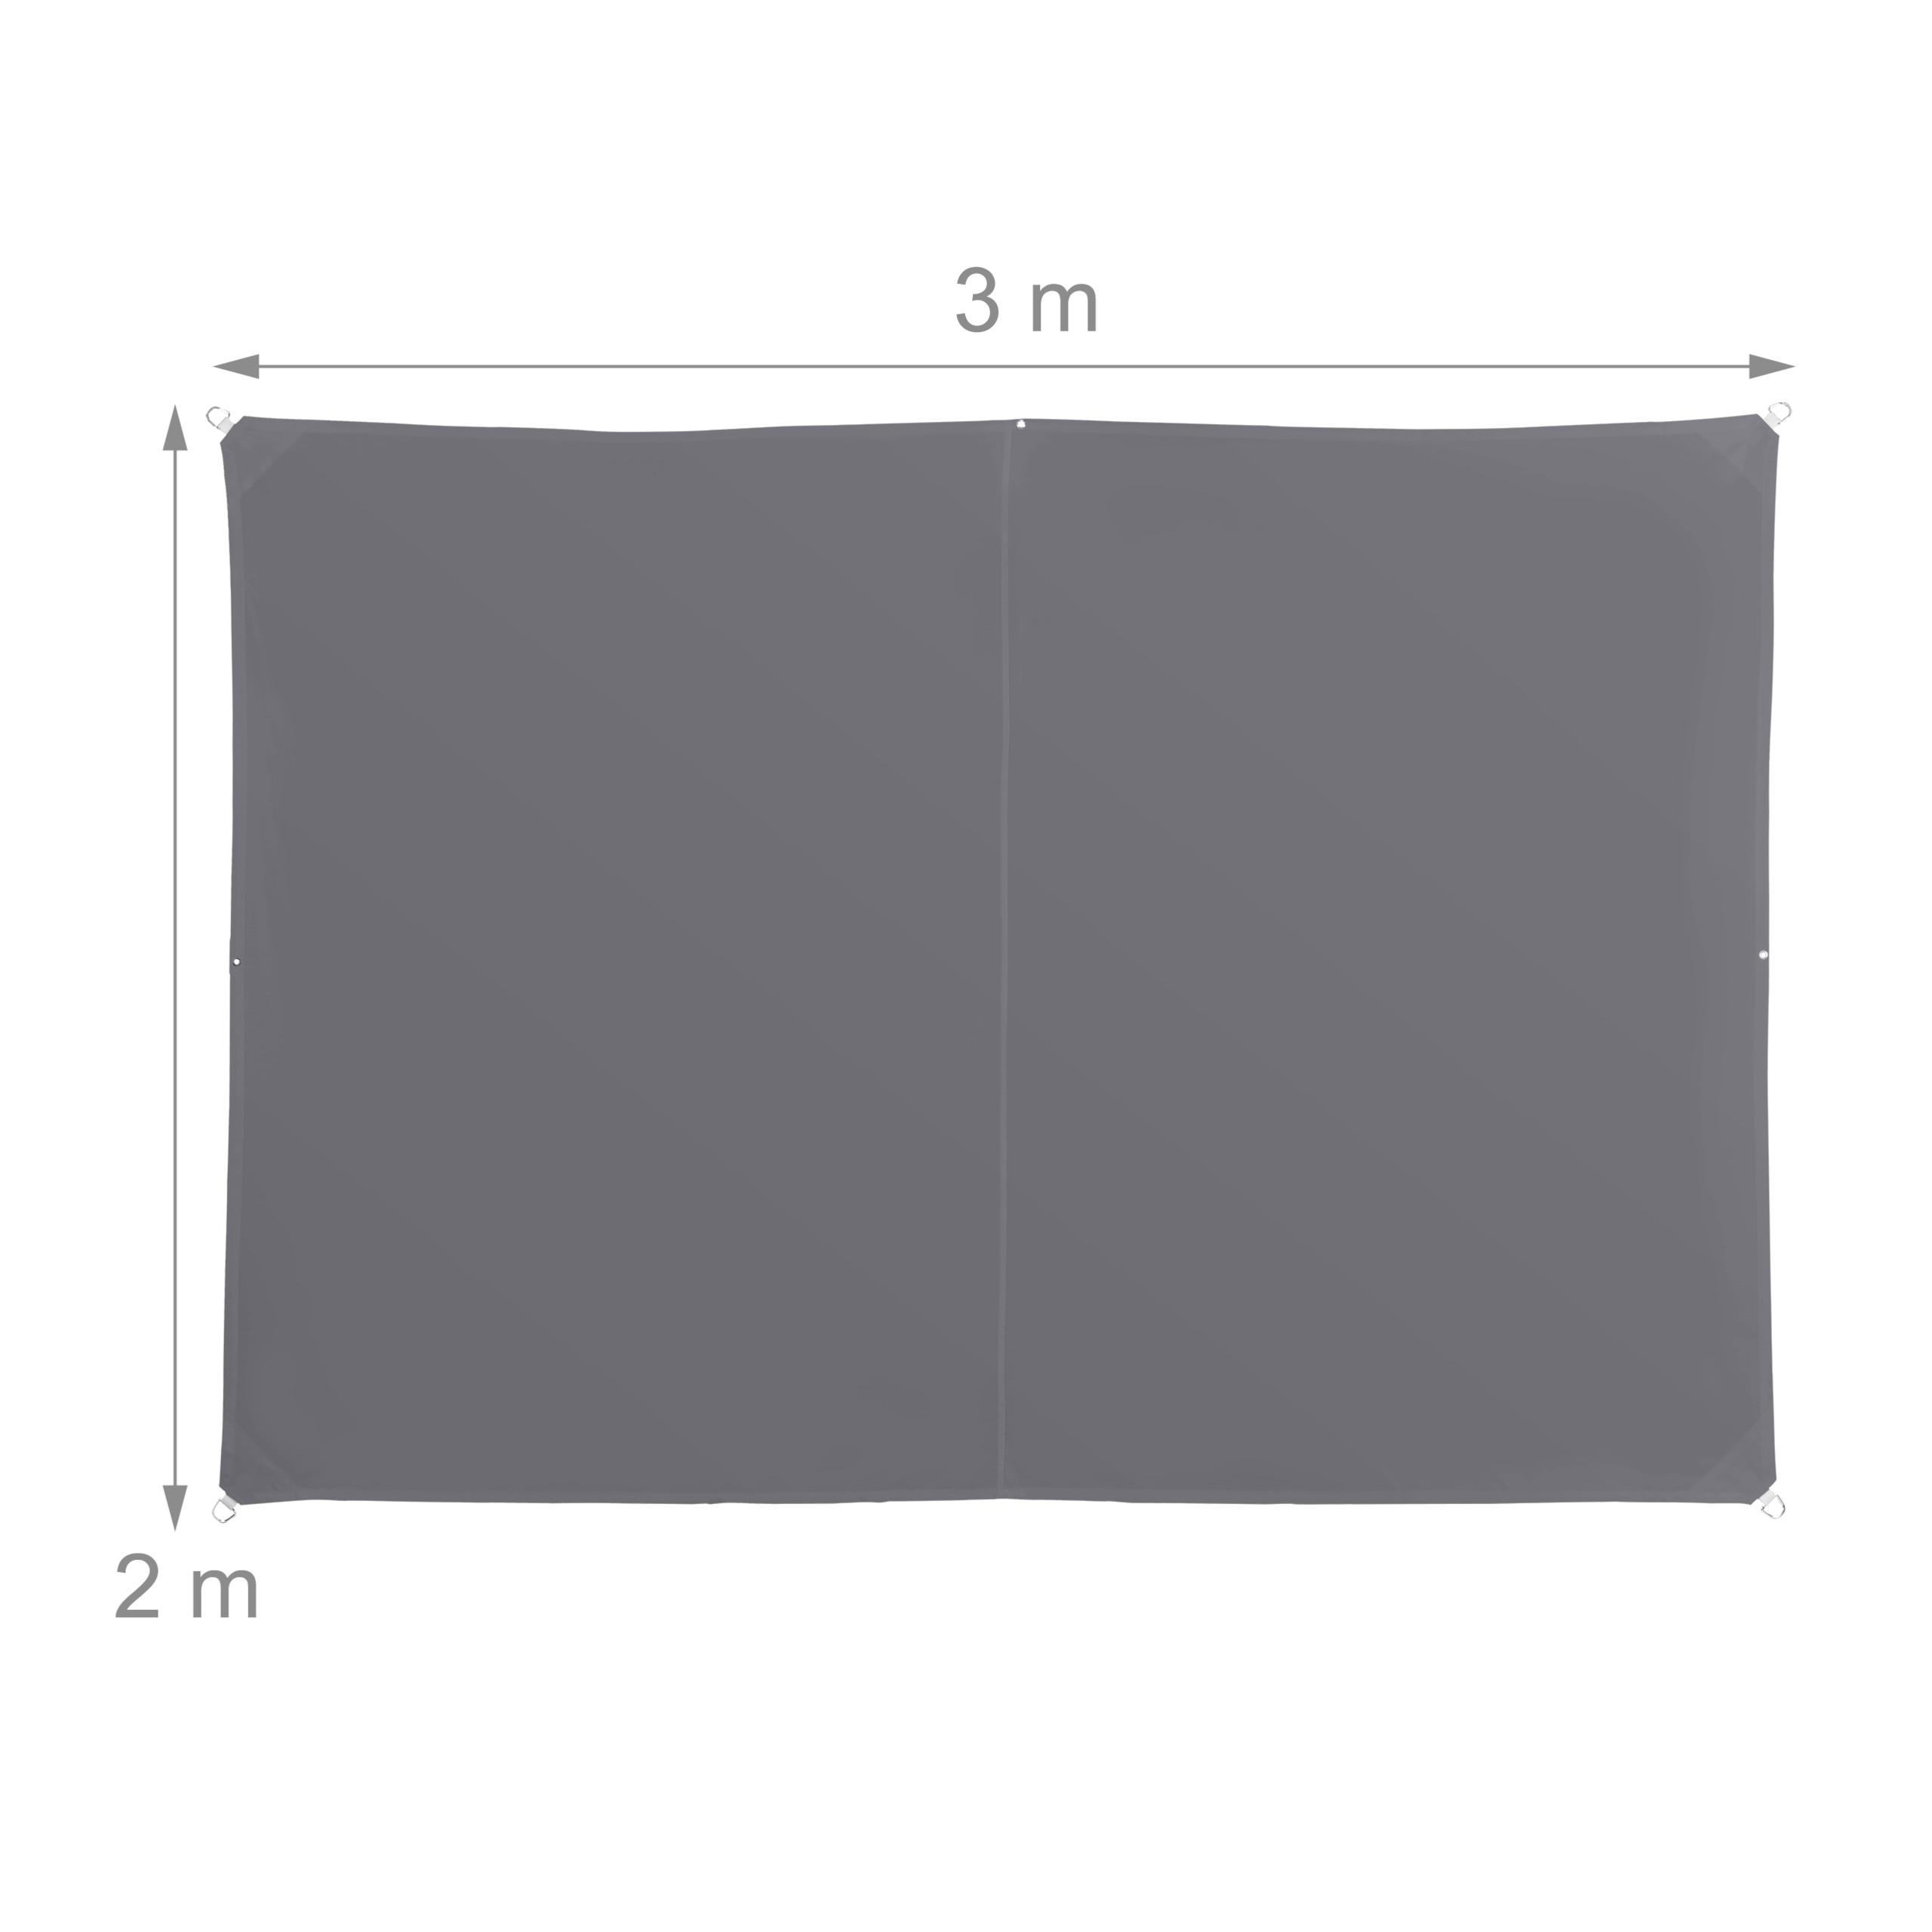 miniatura 11 - Tenda a vela rettangolare parasole ombreggiante idrorepellente anti UV grigia